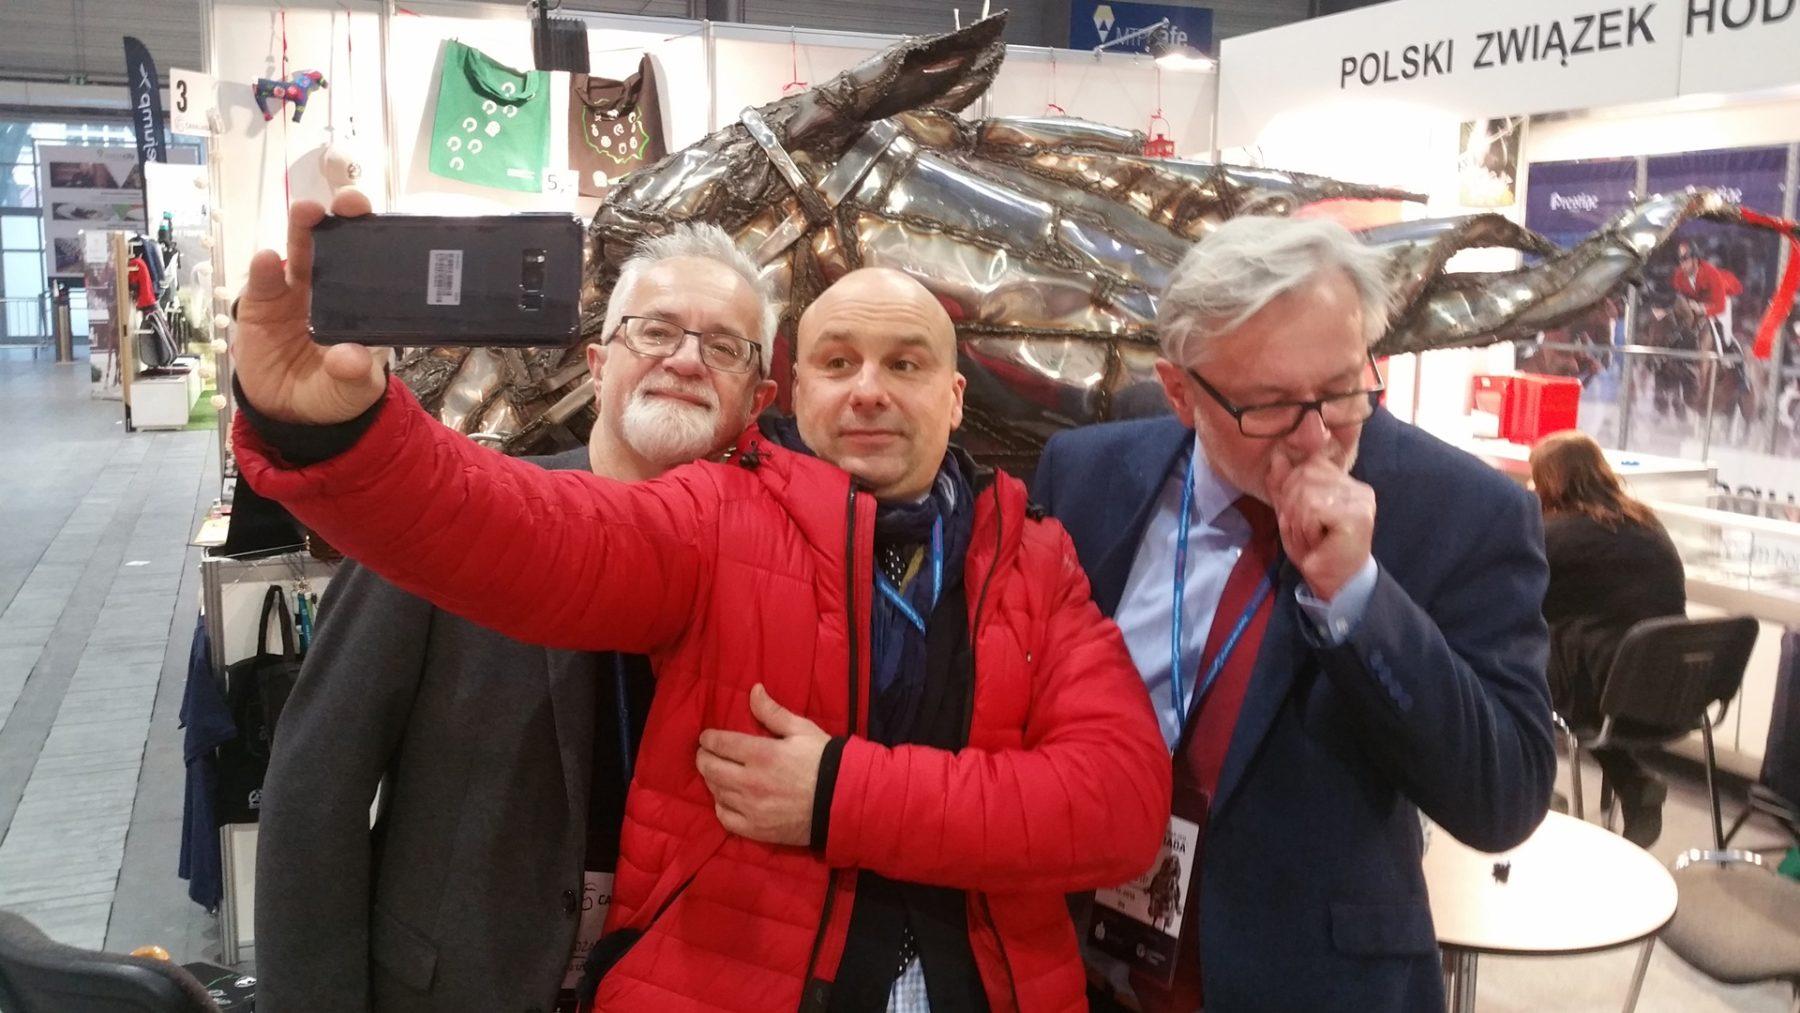 A. Bieńkowski, H. Sawka i J. Sawka